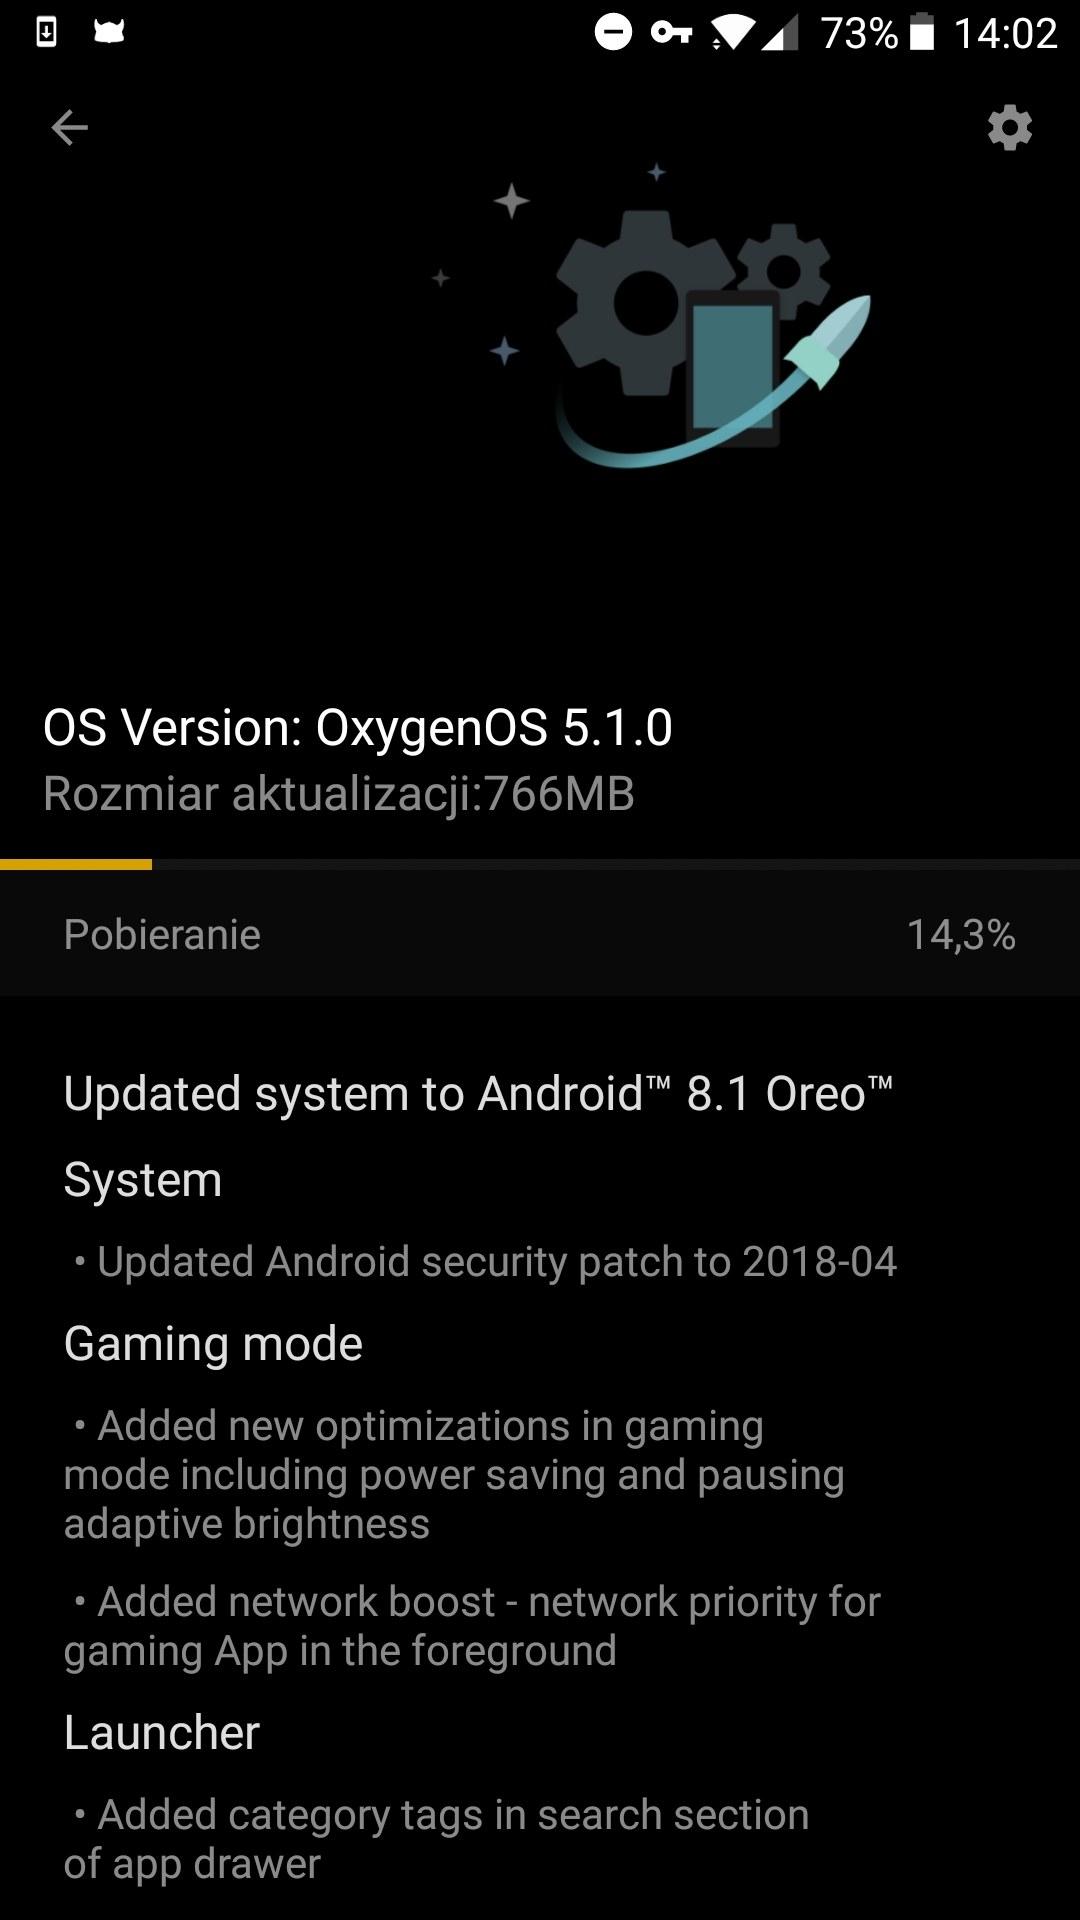 OnePlus-5-Oreo-update